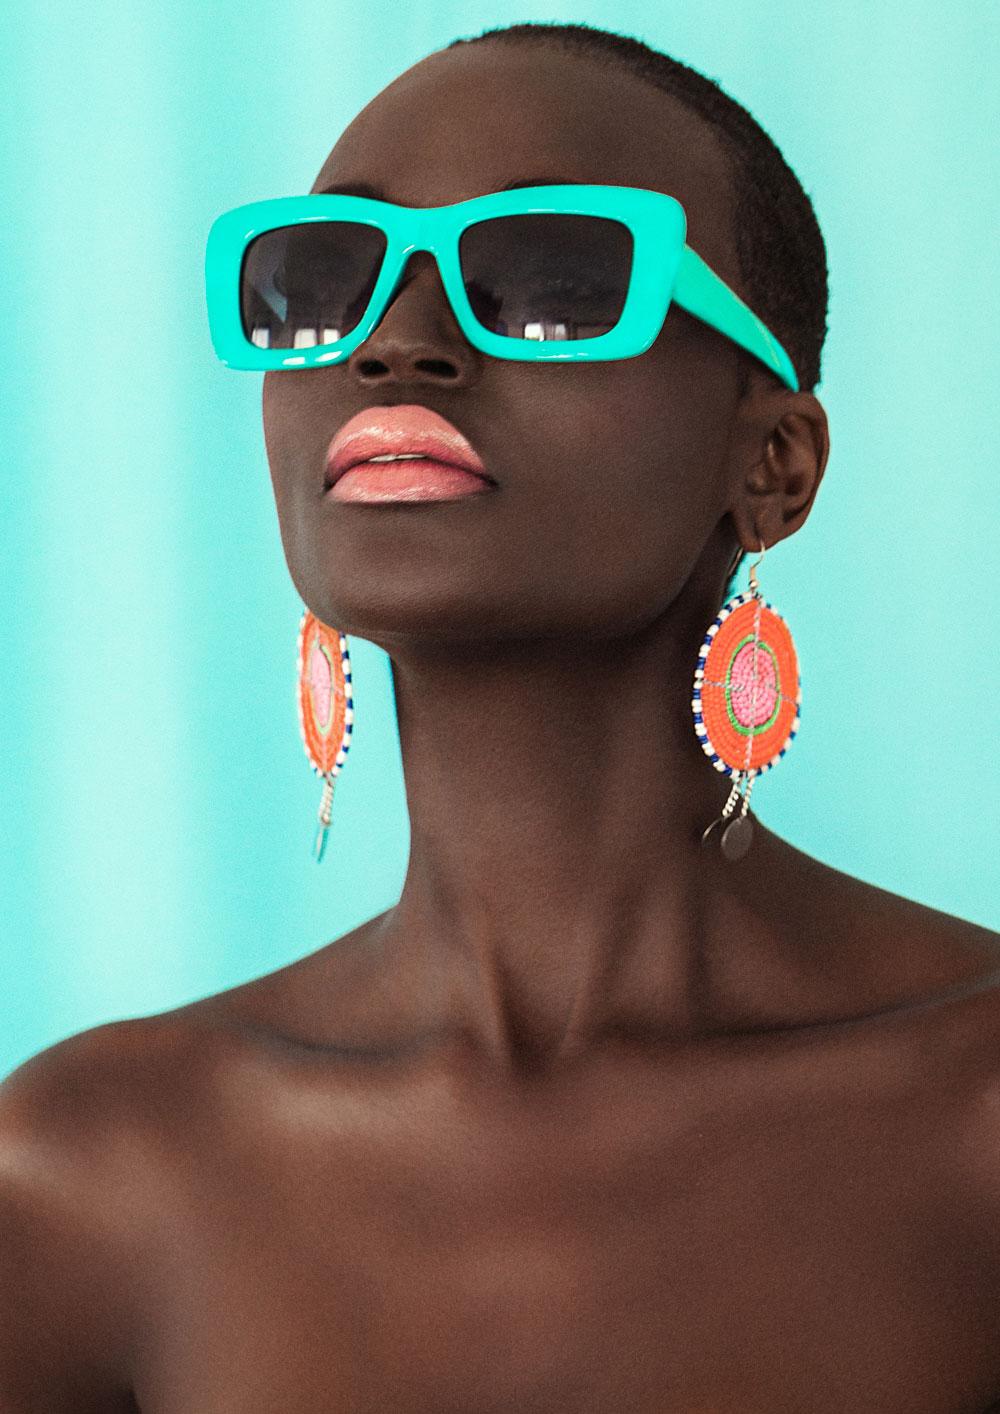 Ritratto di donna con orecchini arancioni e occhiali da sole.